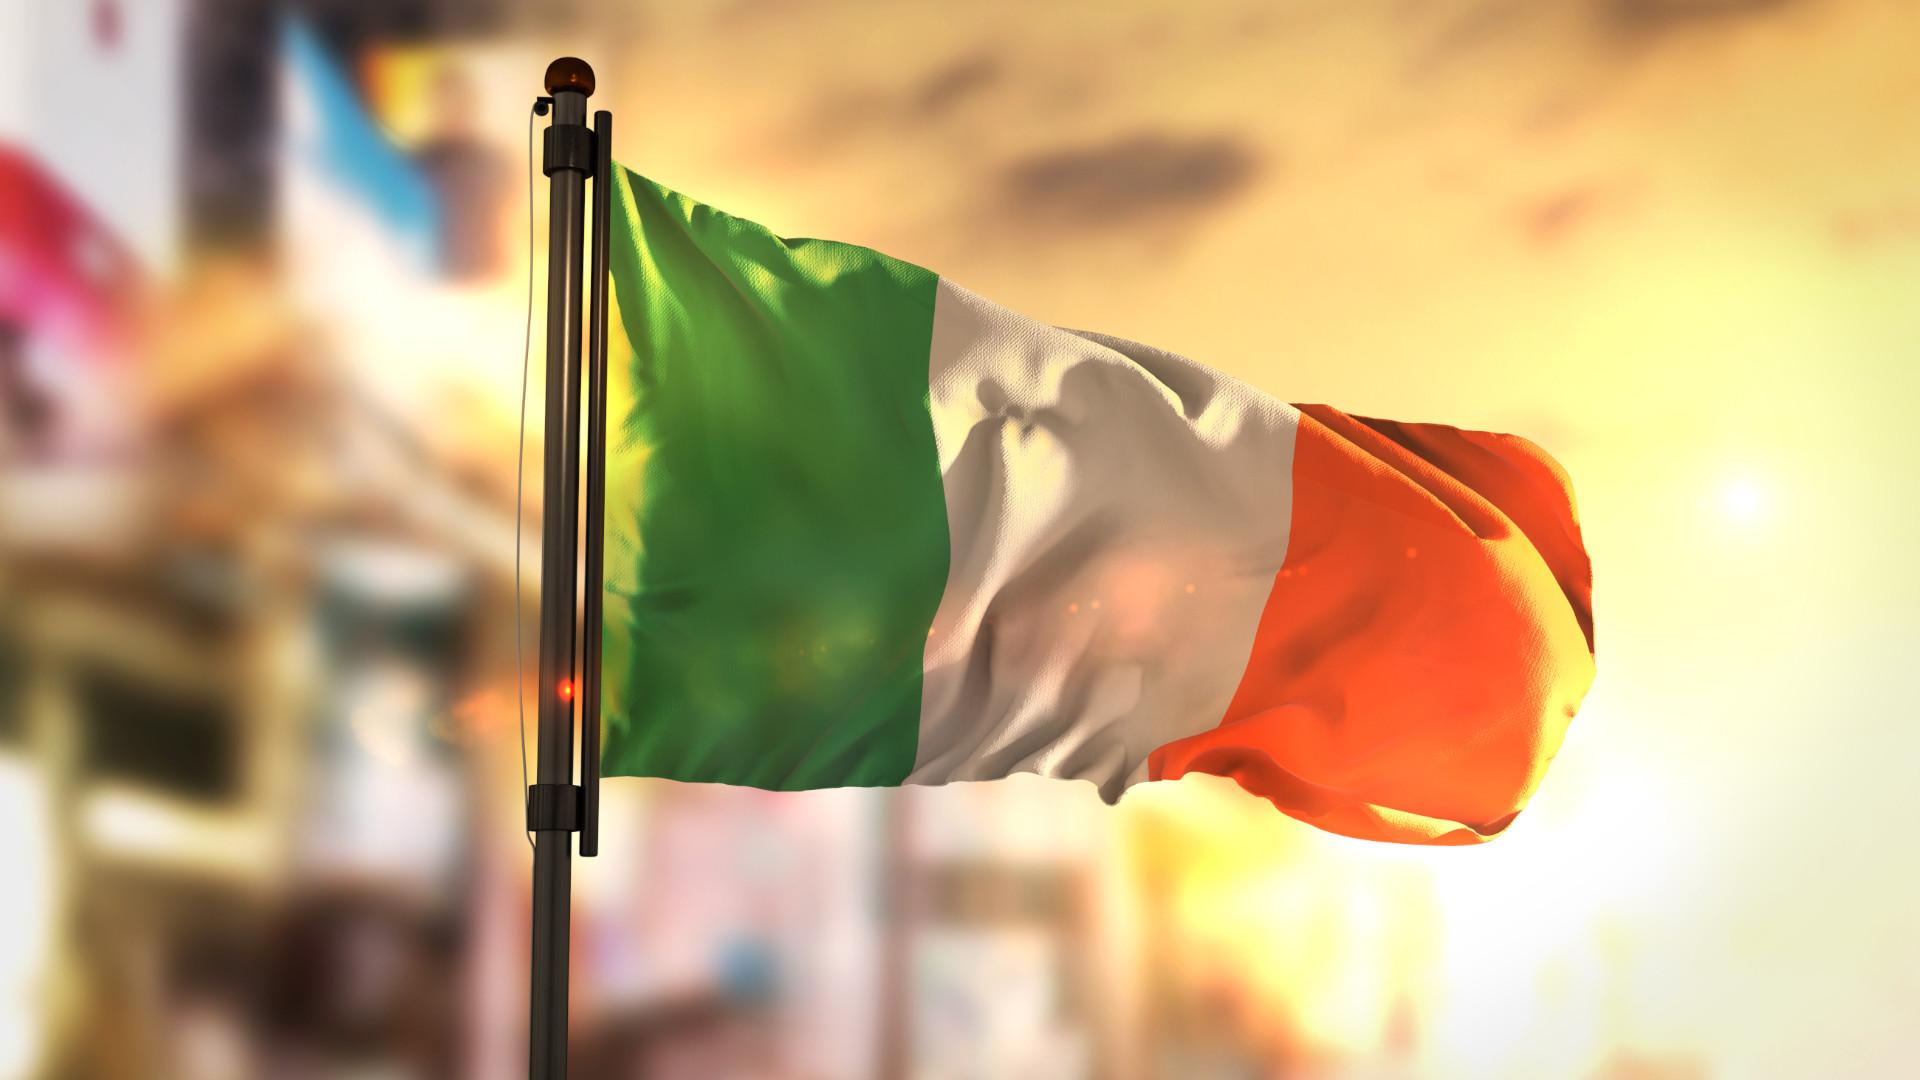 wysyłka paczek kurierskich do Irlandii